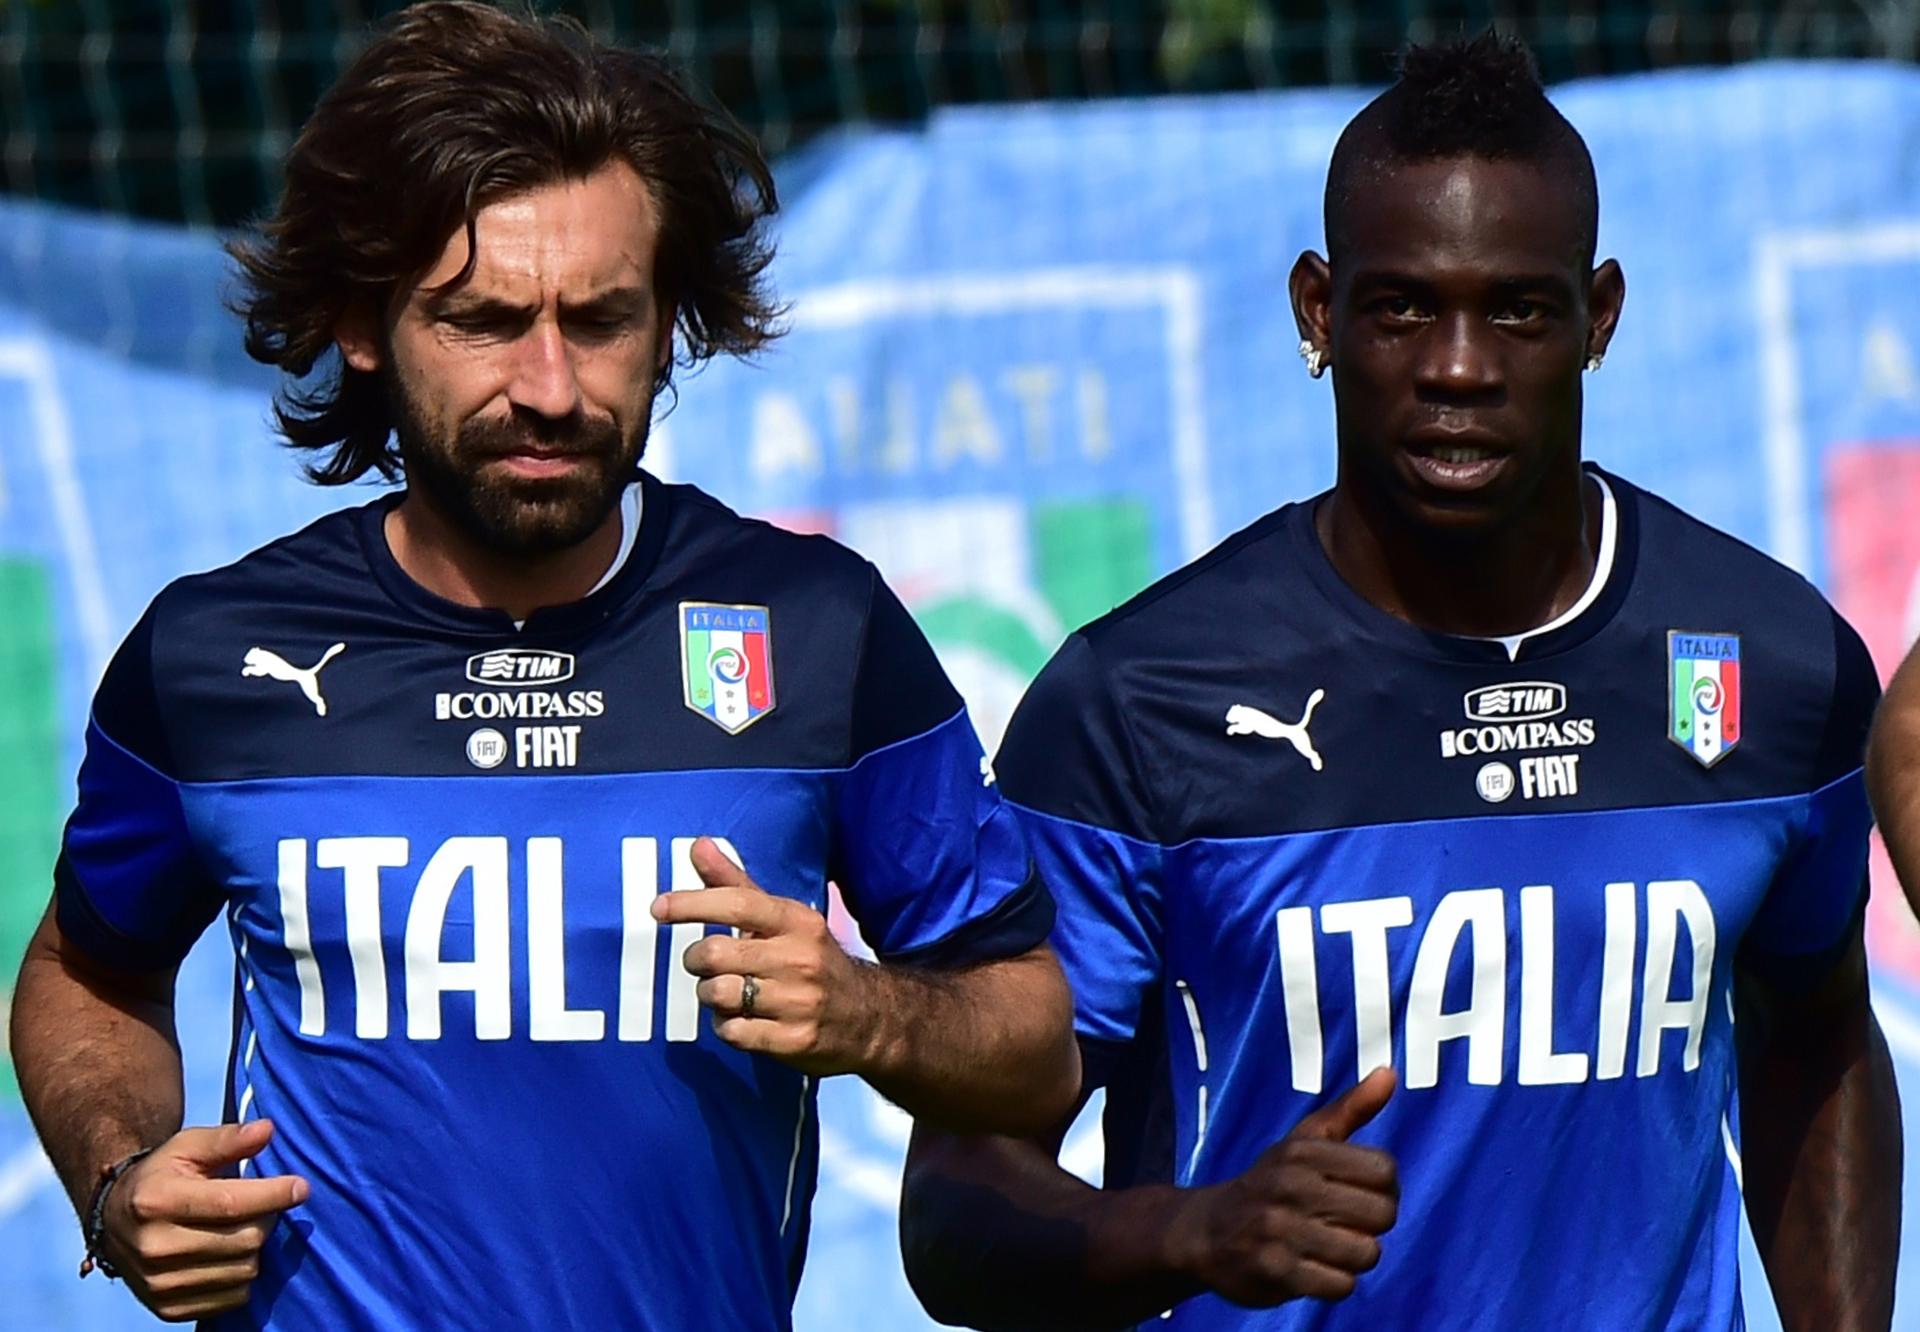 Պիրլո. Բալոտելին կարող է վերադառնալ Իտալիայի հավաքական